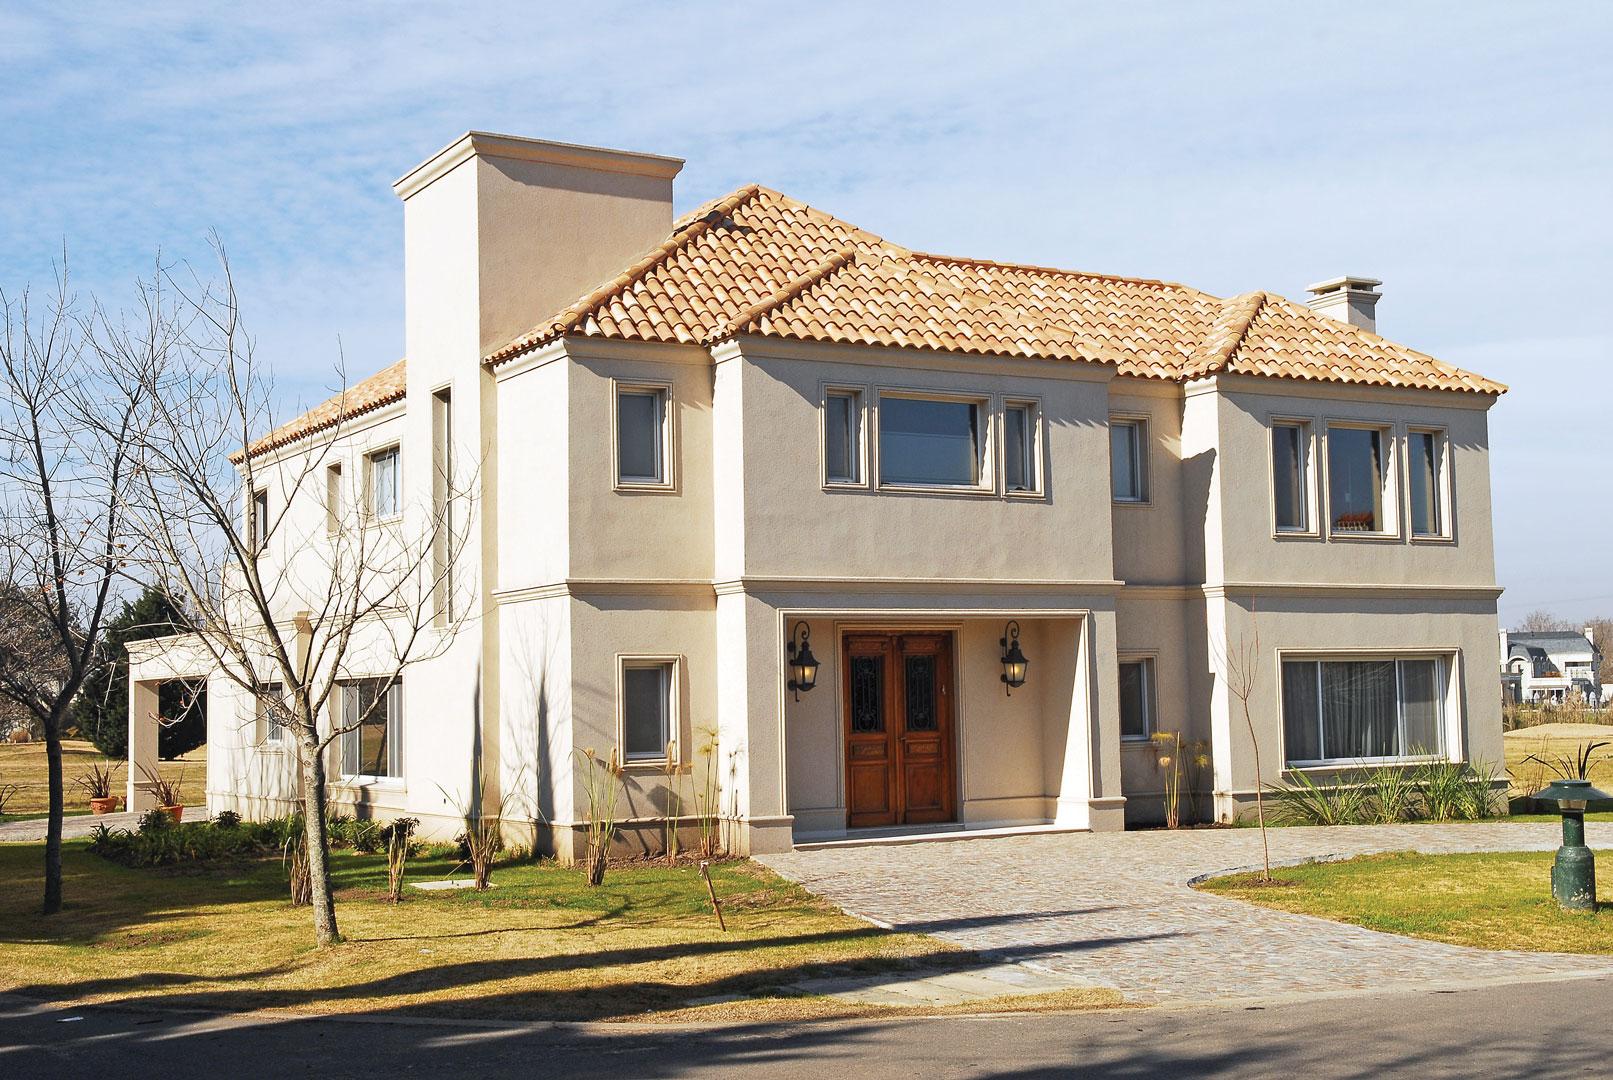 Imagen entra able for Casa clasica procrear 1 dormitorio